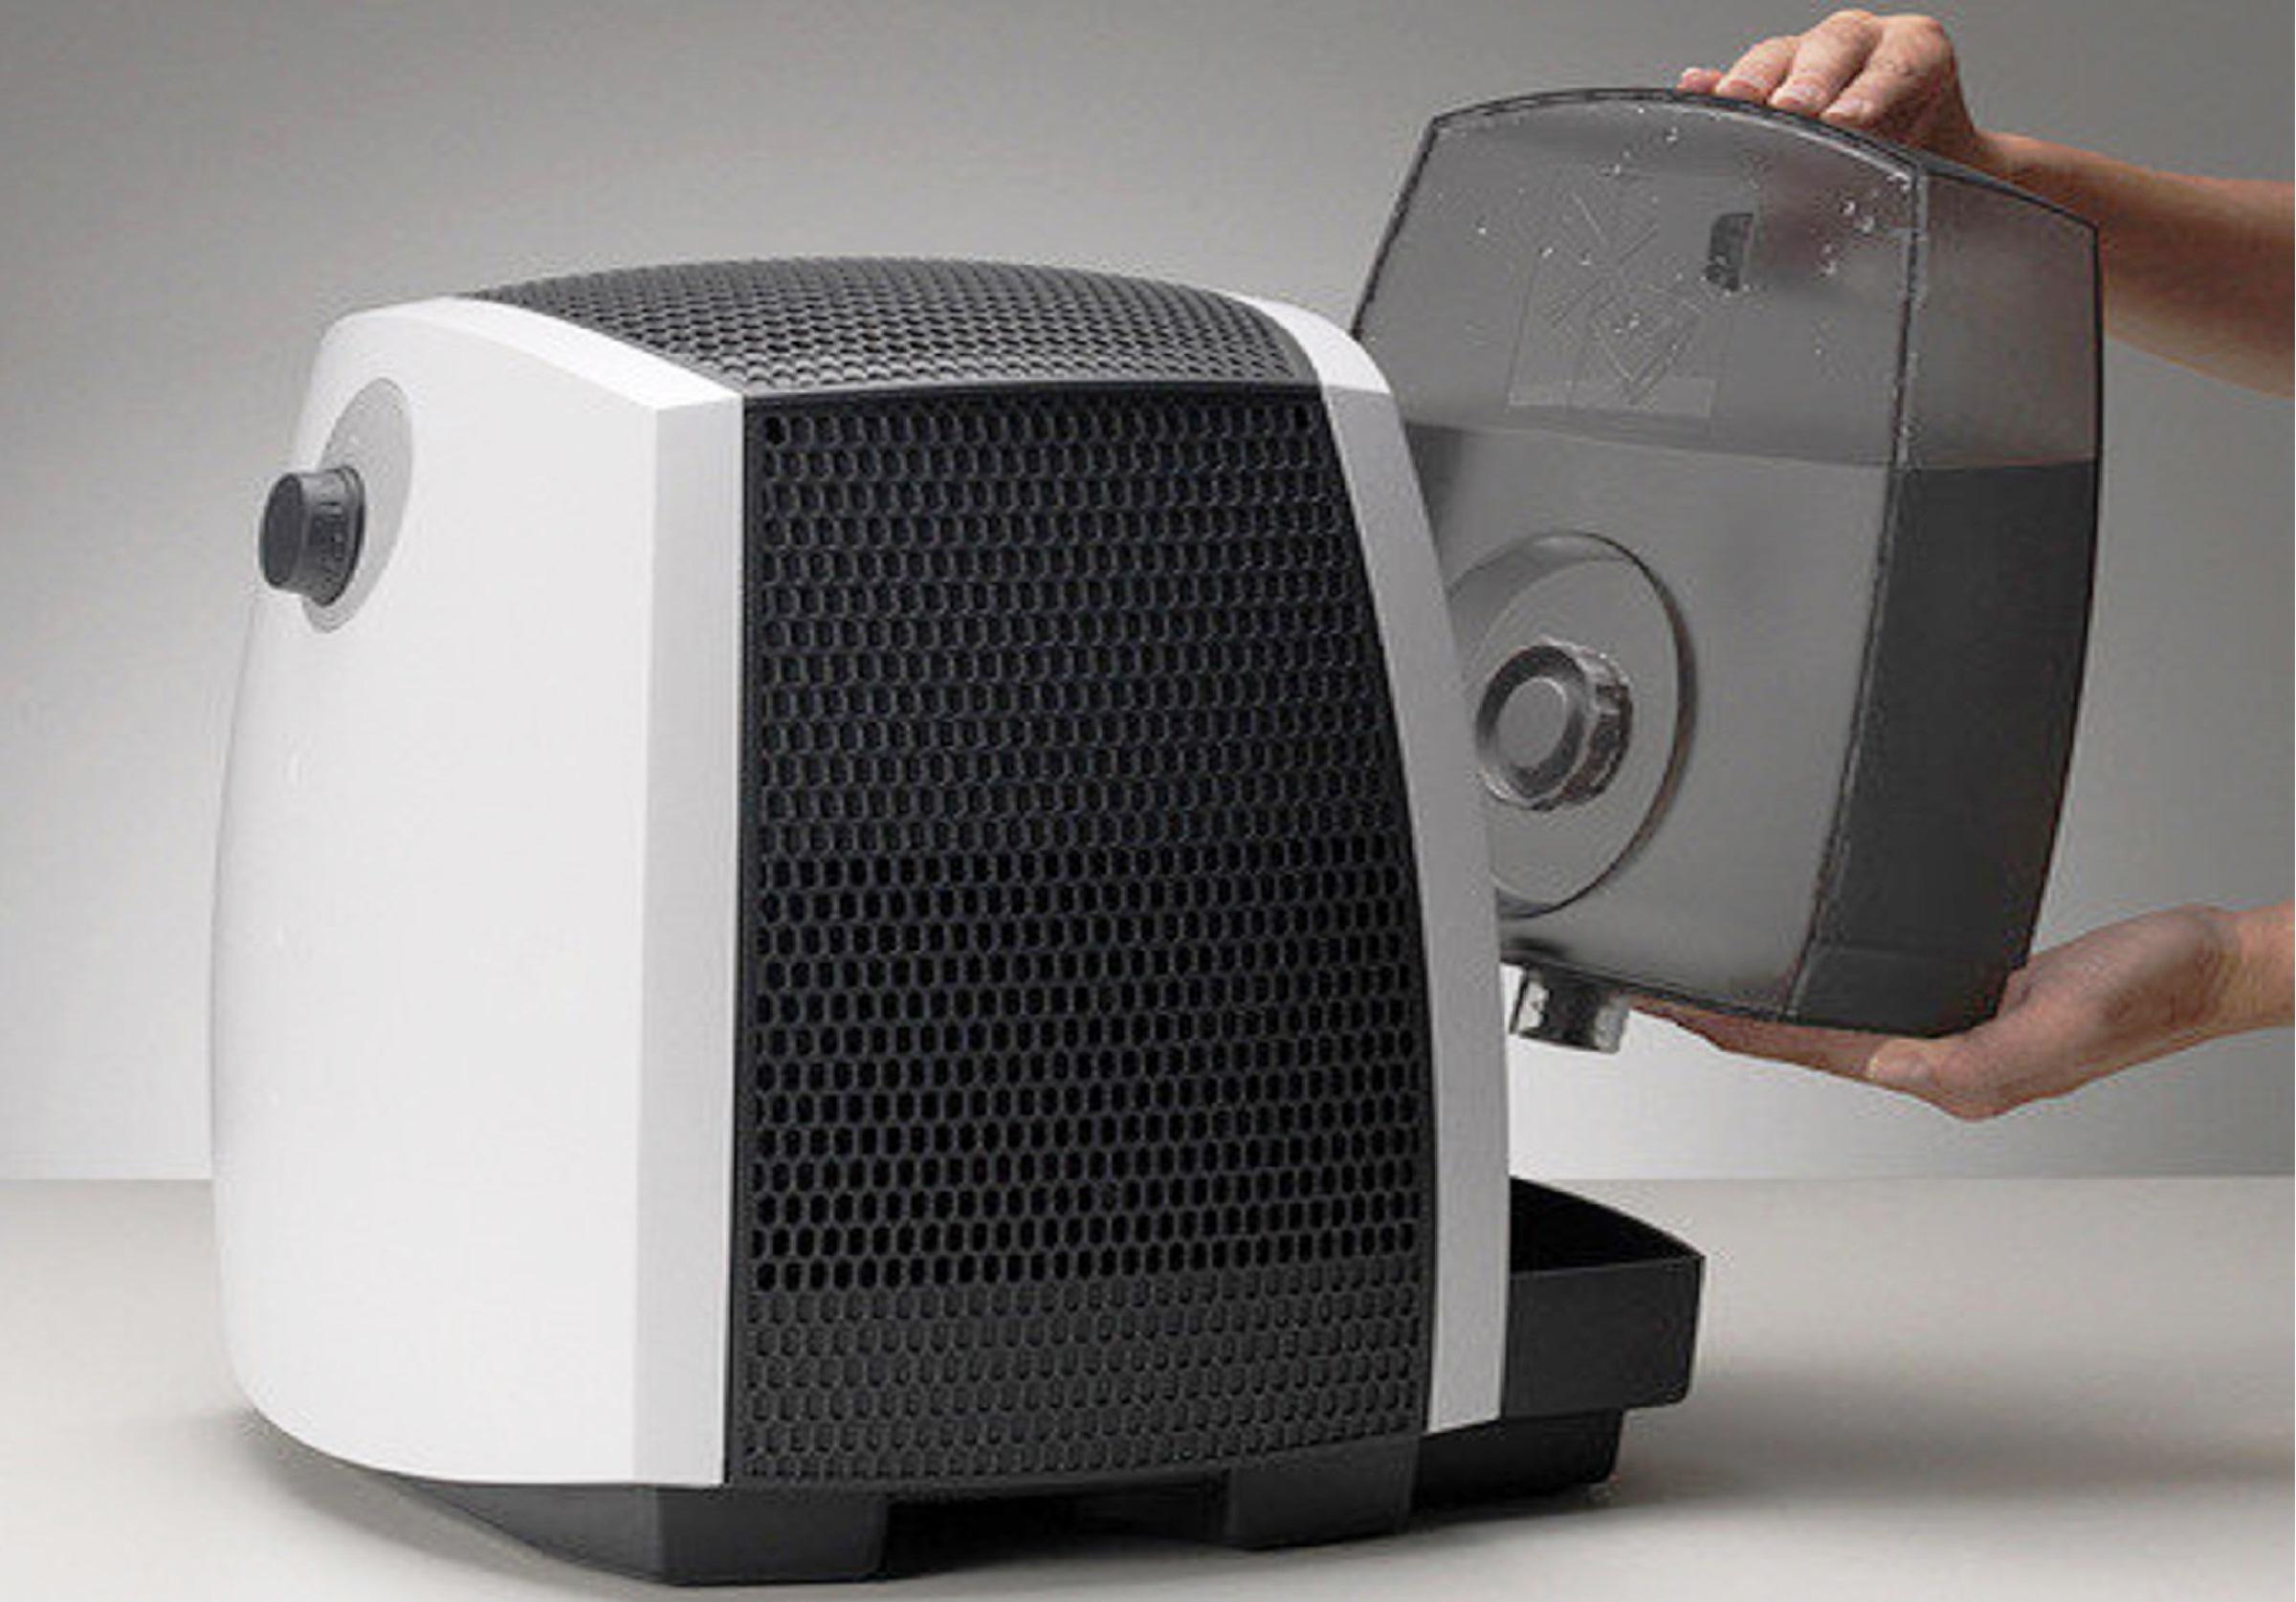 Как помыть воздух? Оказывается, это вовсе не шутка и мыть воздух действительно можно, более того, эксперты утверждают, что даже нужно. При этом, сам процесс весьма прост и предполагает использование специализированного оборудования – моек воздуха.